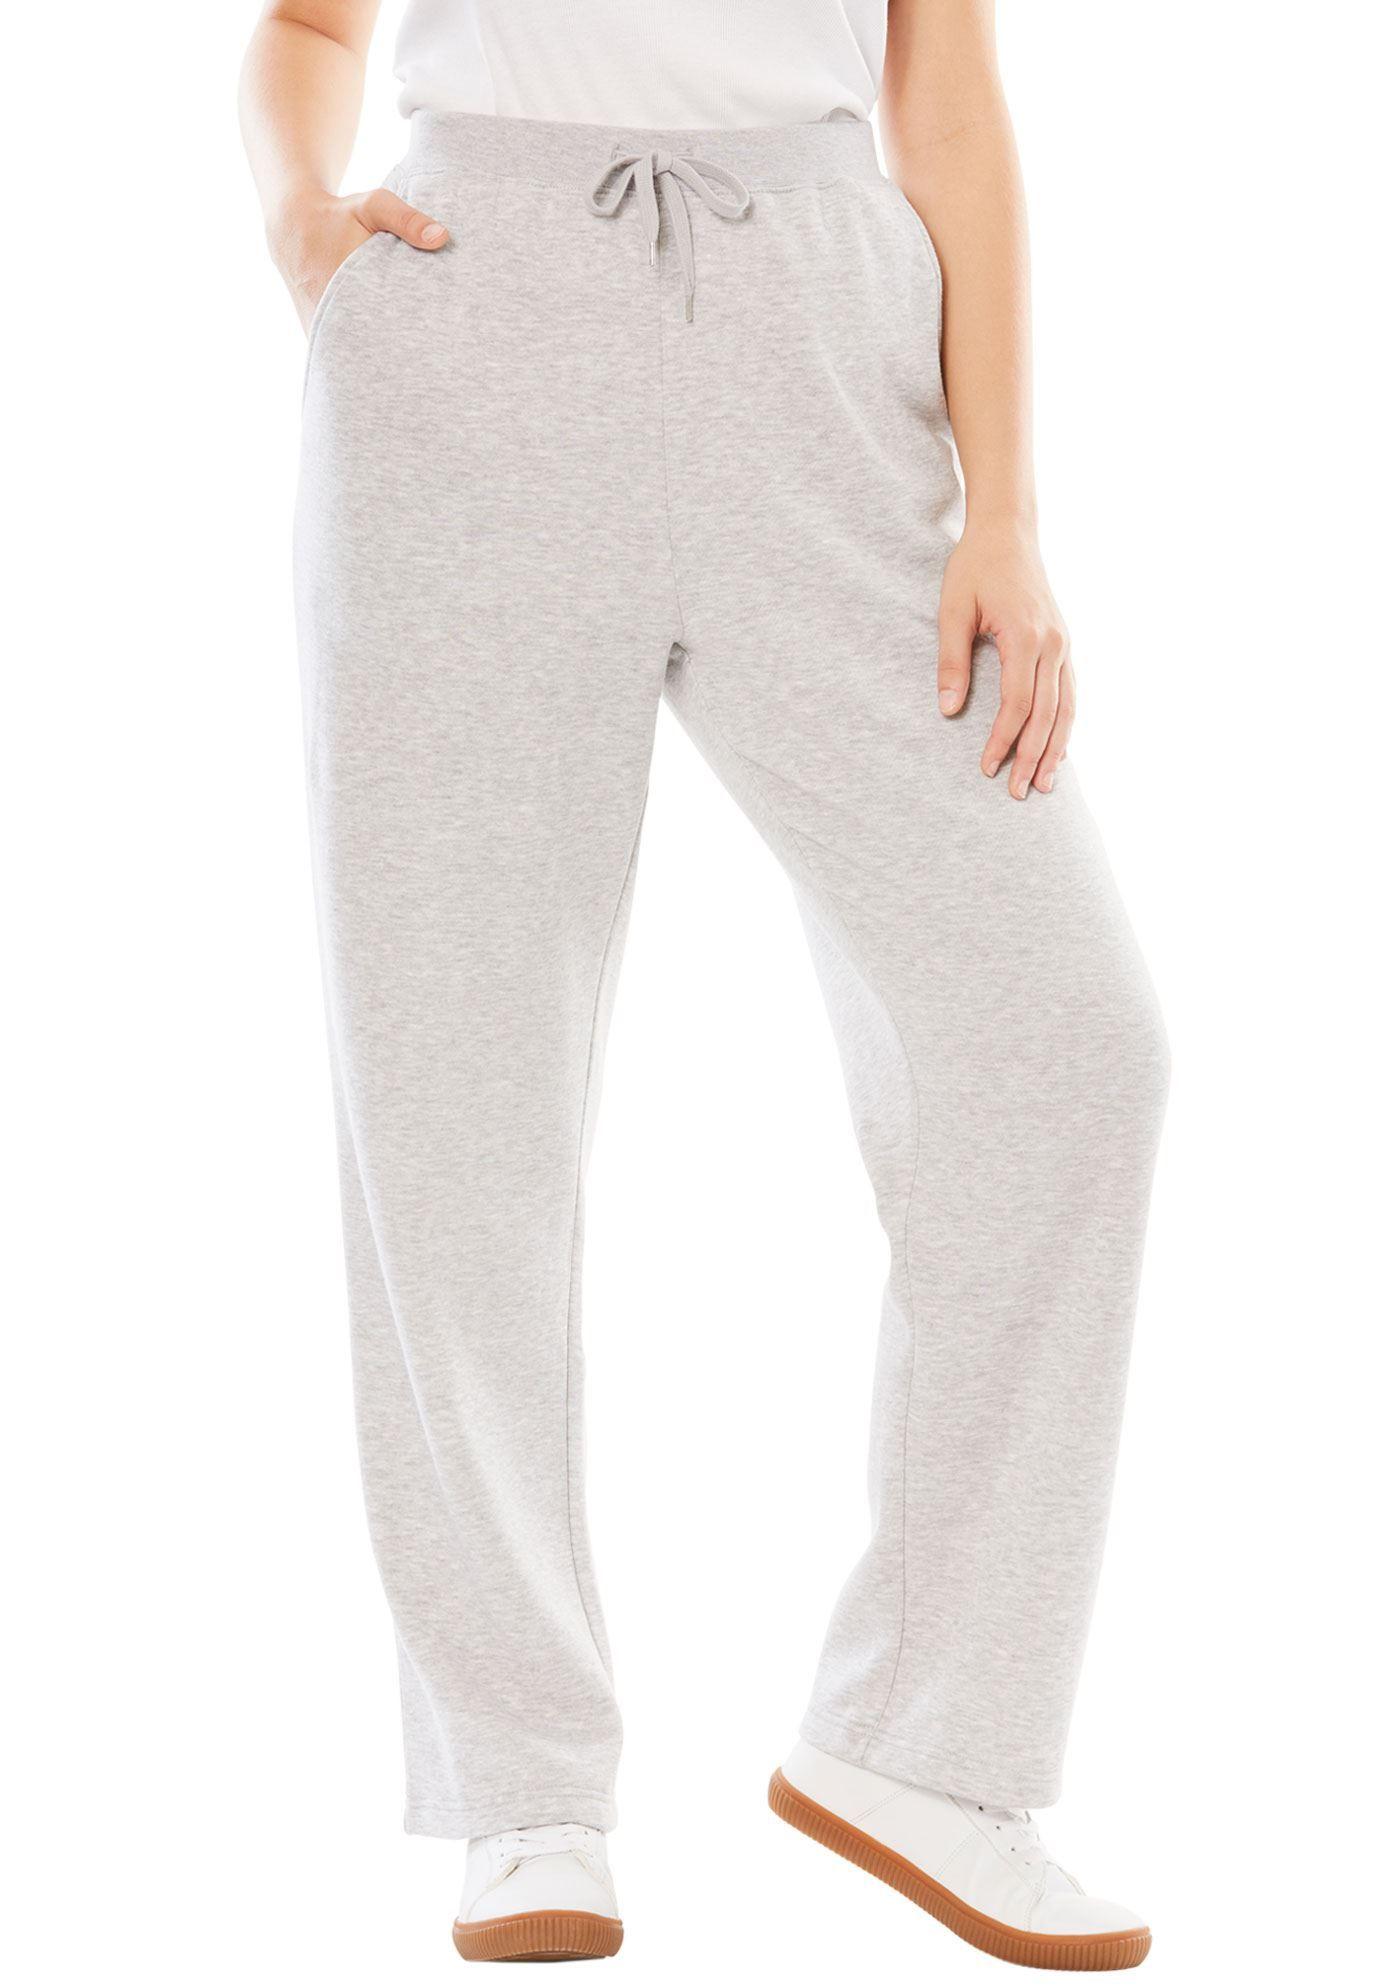 737bca1b384 Petite Sweat Pants in Easy Fleece - Women s Plus Size Clothing ...